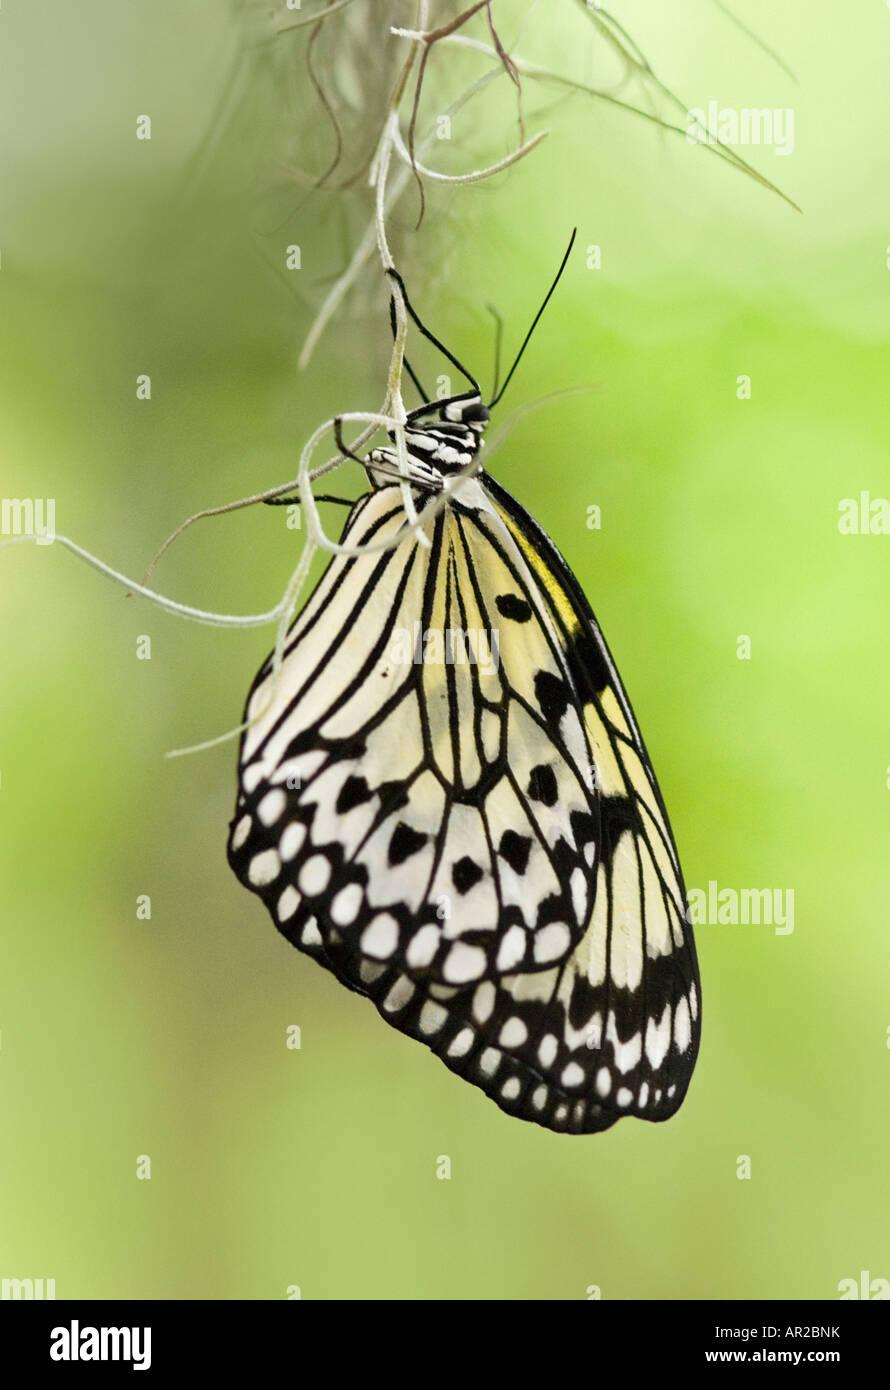 Baum Nymphe Butterfly auch bekannt als Papier Kite Butterfliy und Reispapier Schmetterling Stockbild